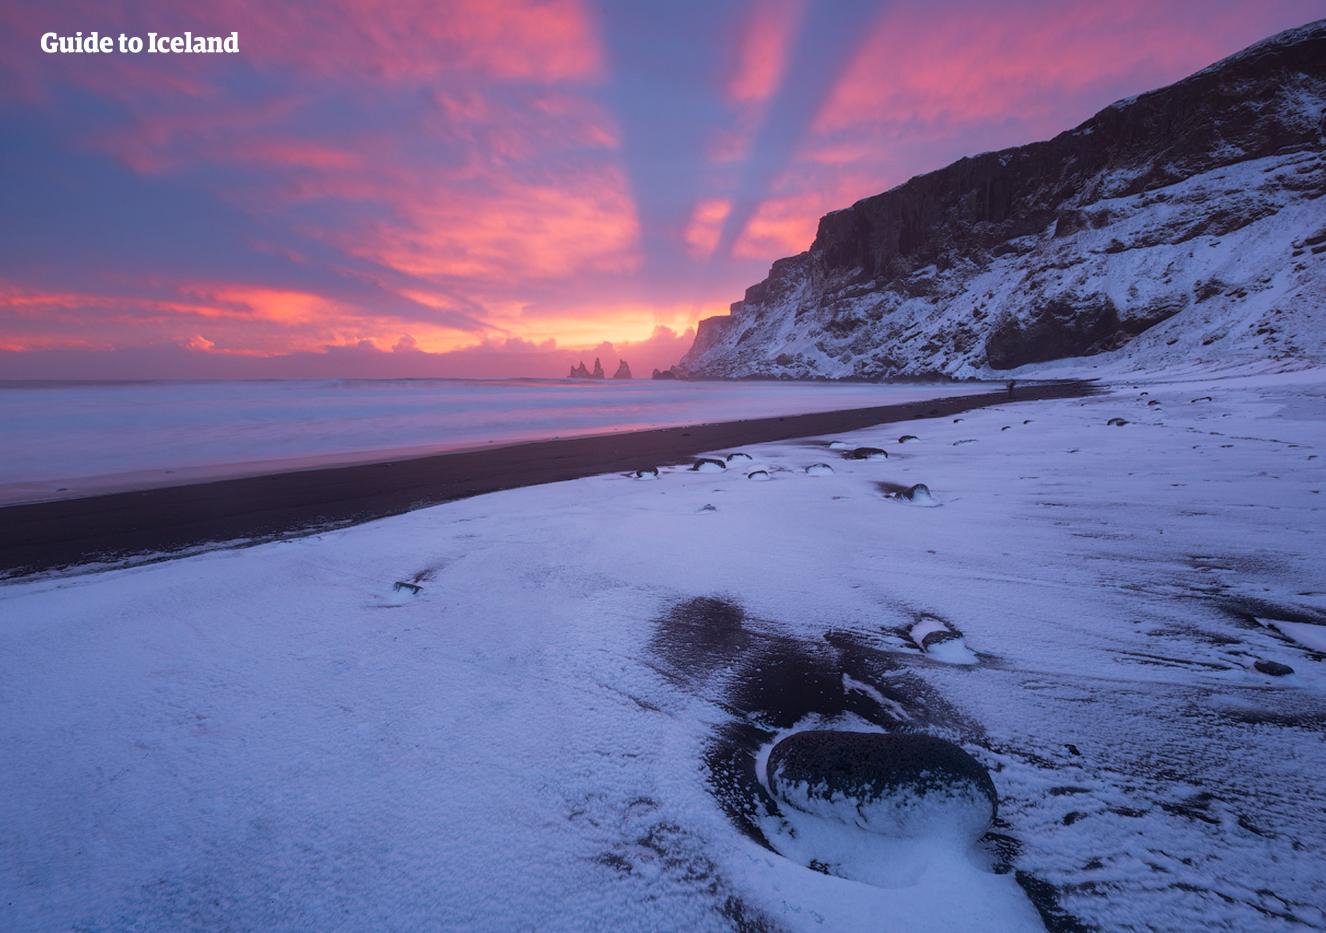 冬季的雷尼斯黑沙滩白雪覆盖